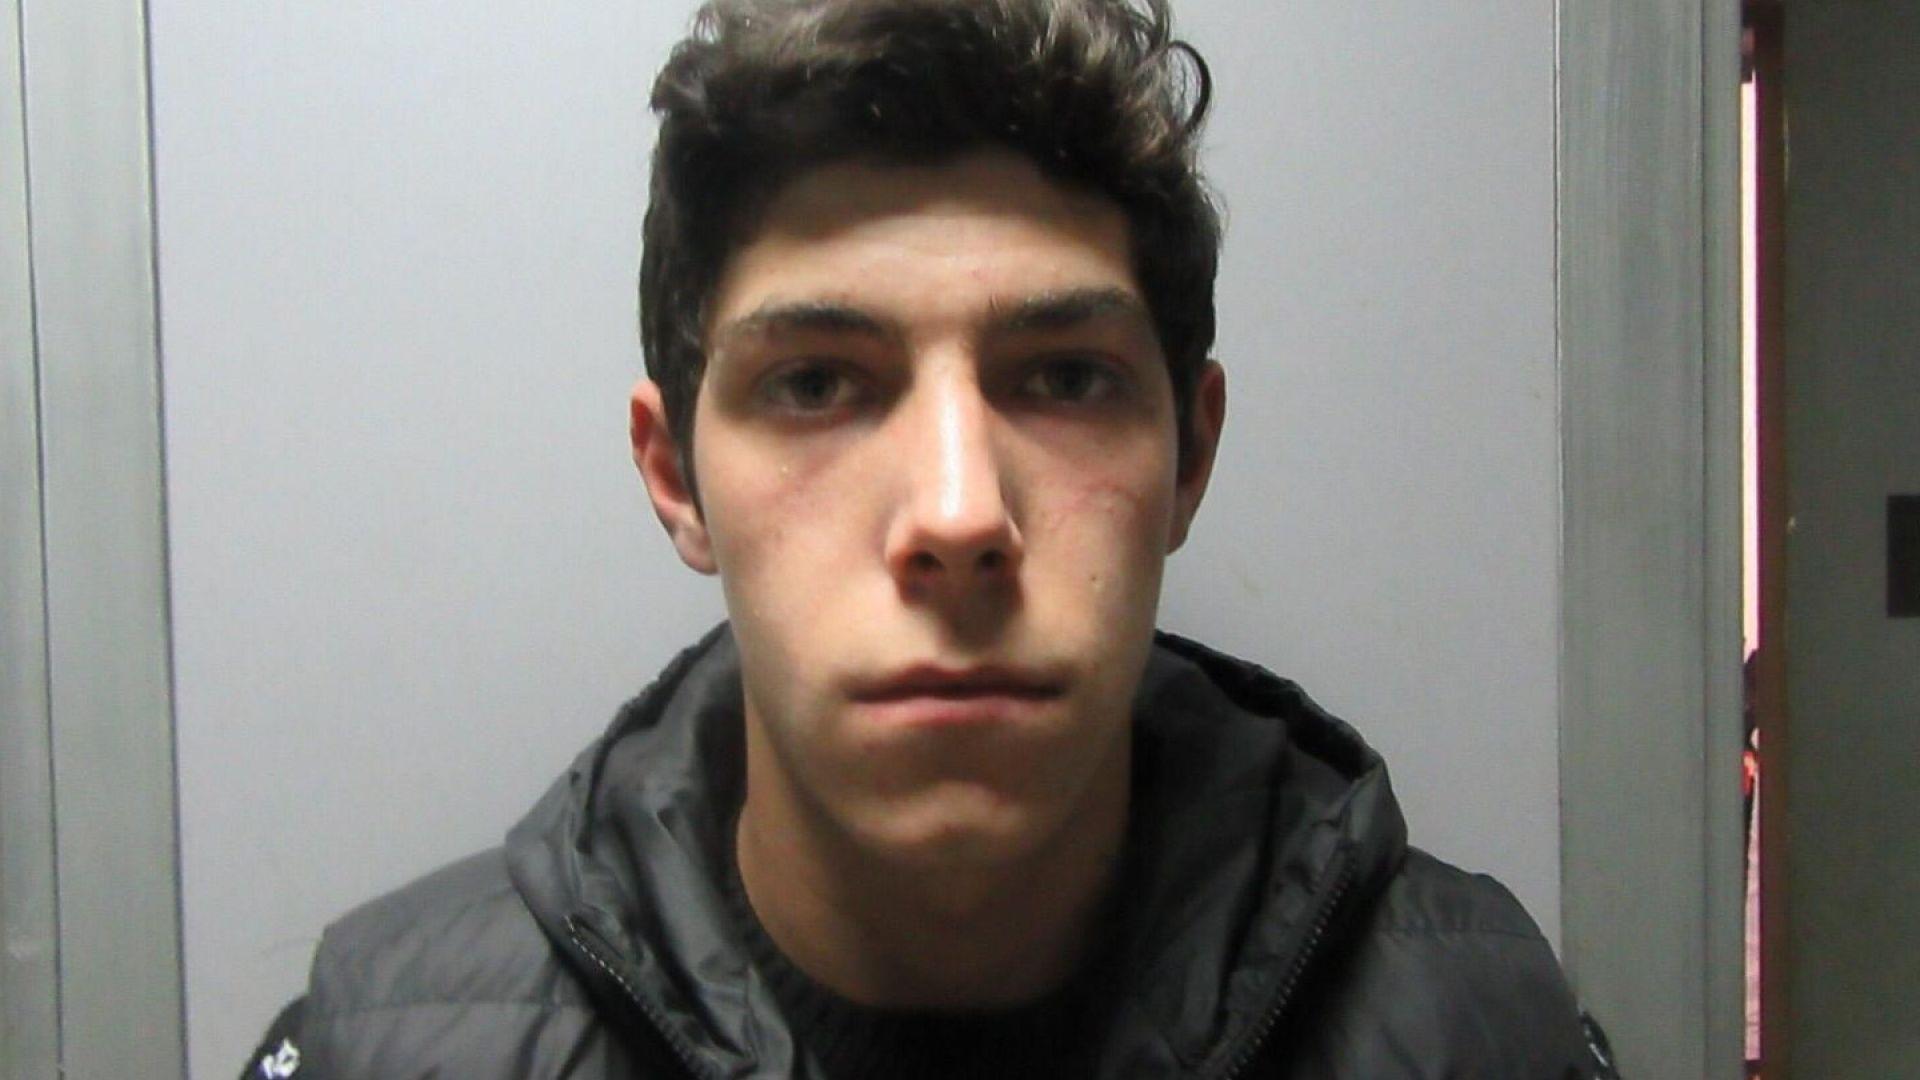 Полицията издирва 18-годишния Мартин Пенчев Шахънски. Той е изтърпявал присъда